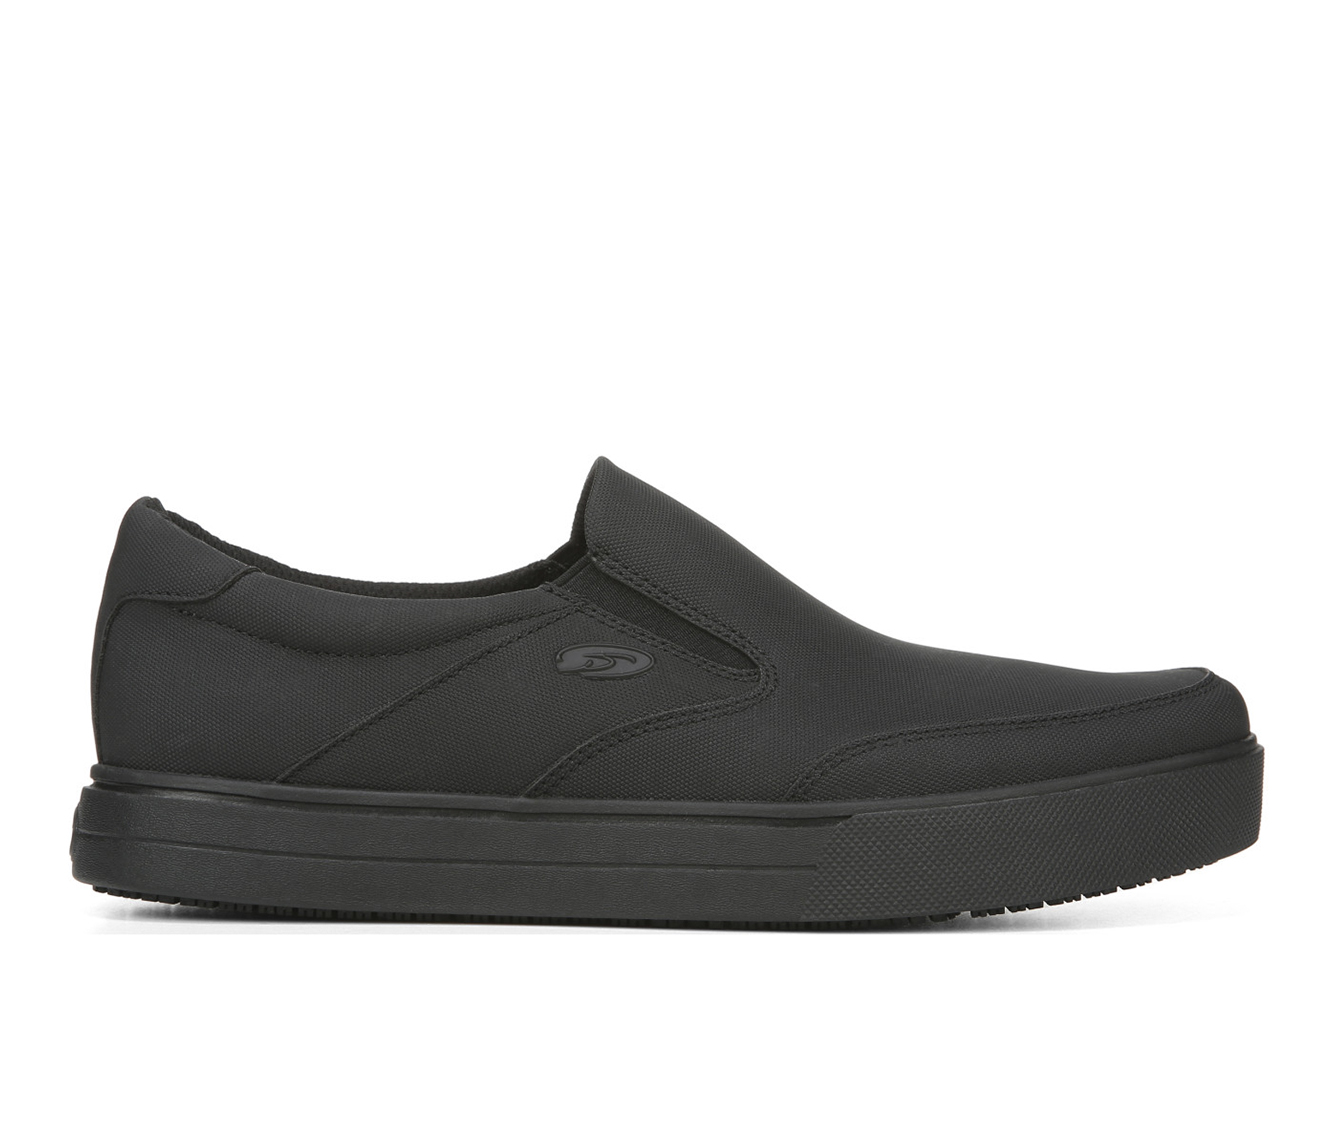 Dr. Scholls Valiant Men's Boots (Black Faux Leather)